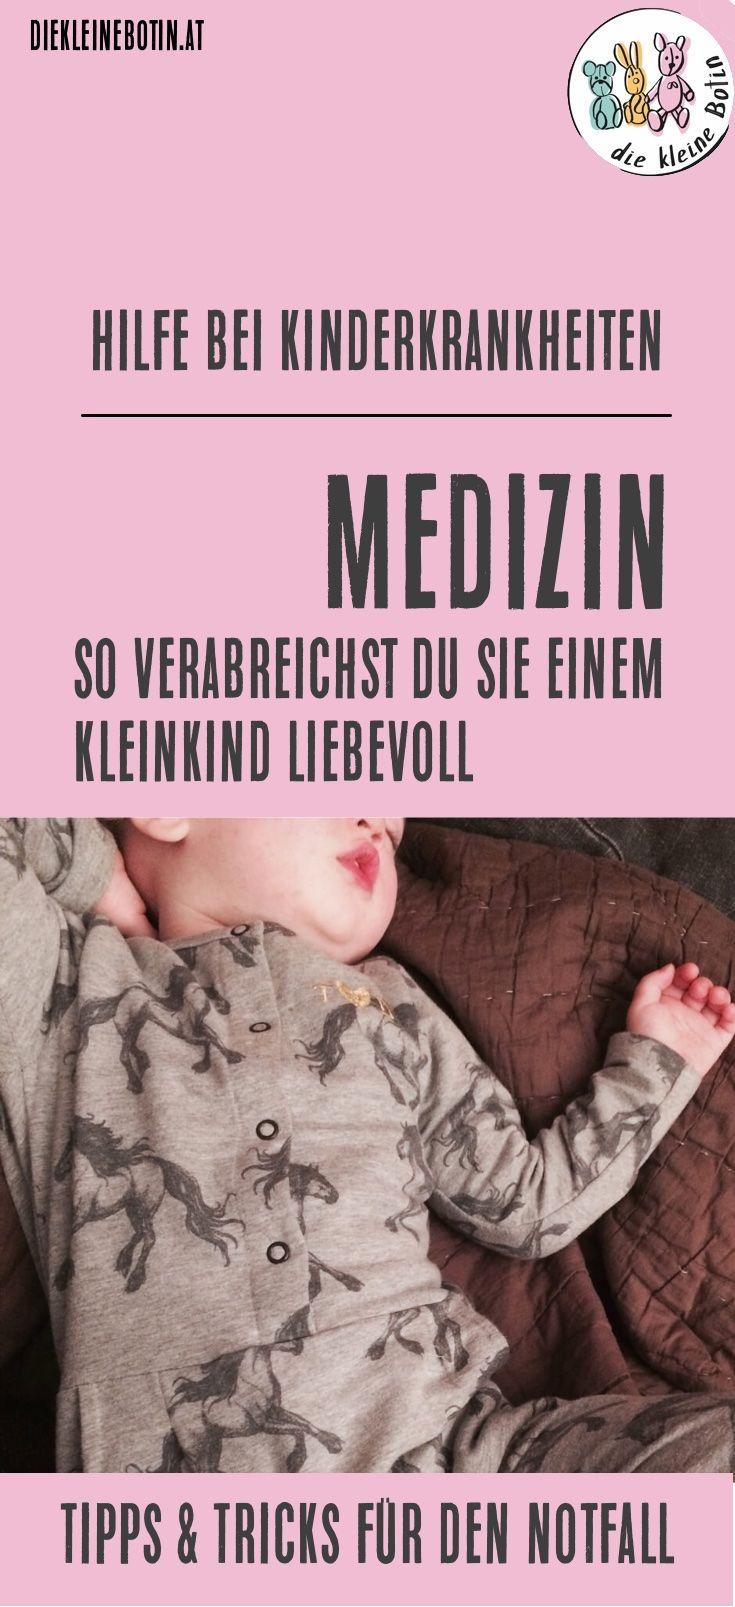 Das Informative Mamablog Kinderkrankheiten Kinder Gesundheit